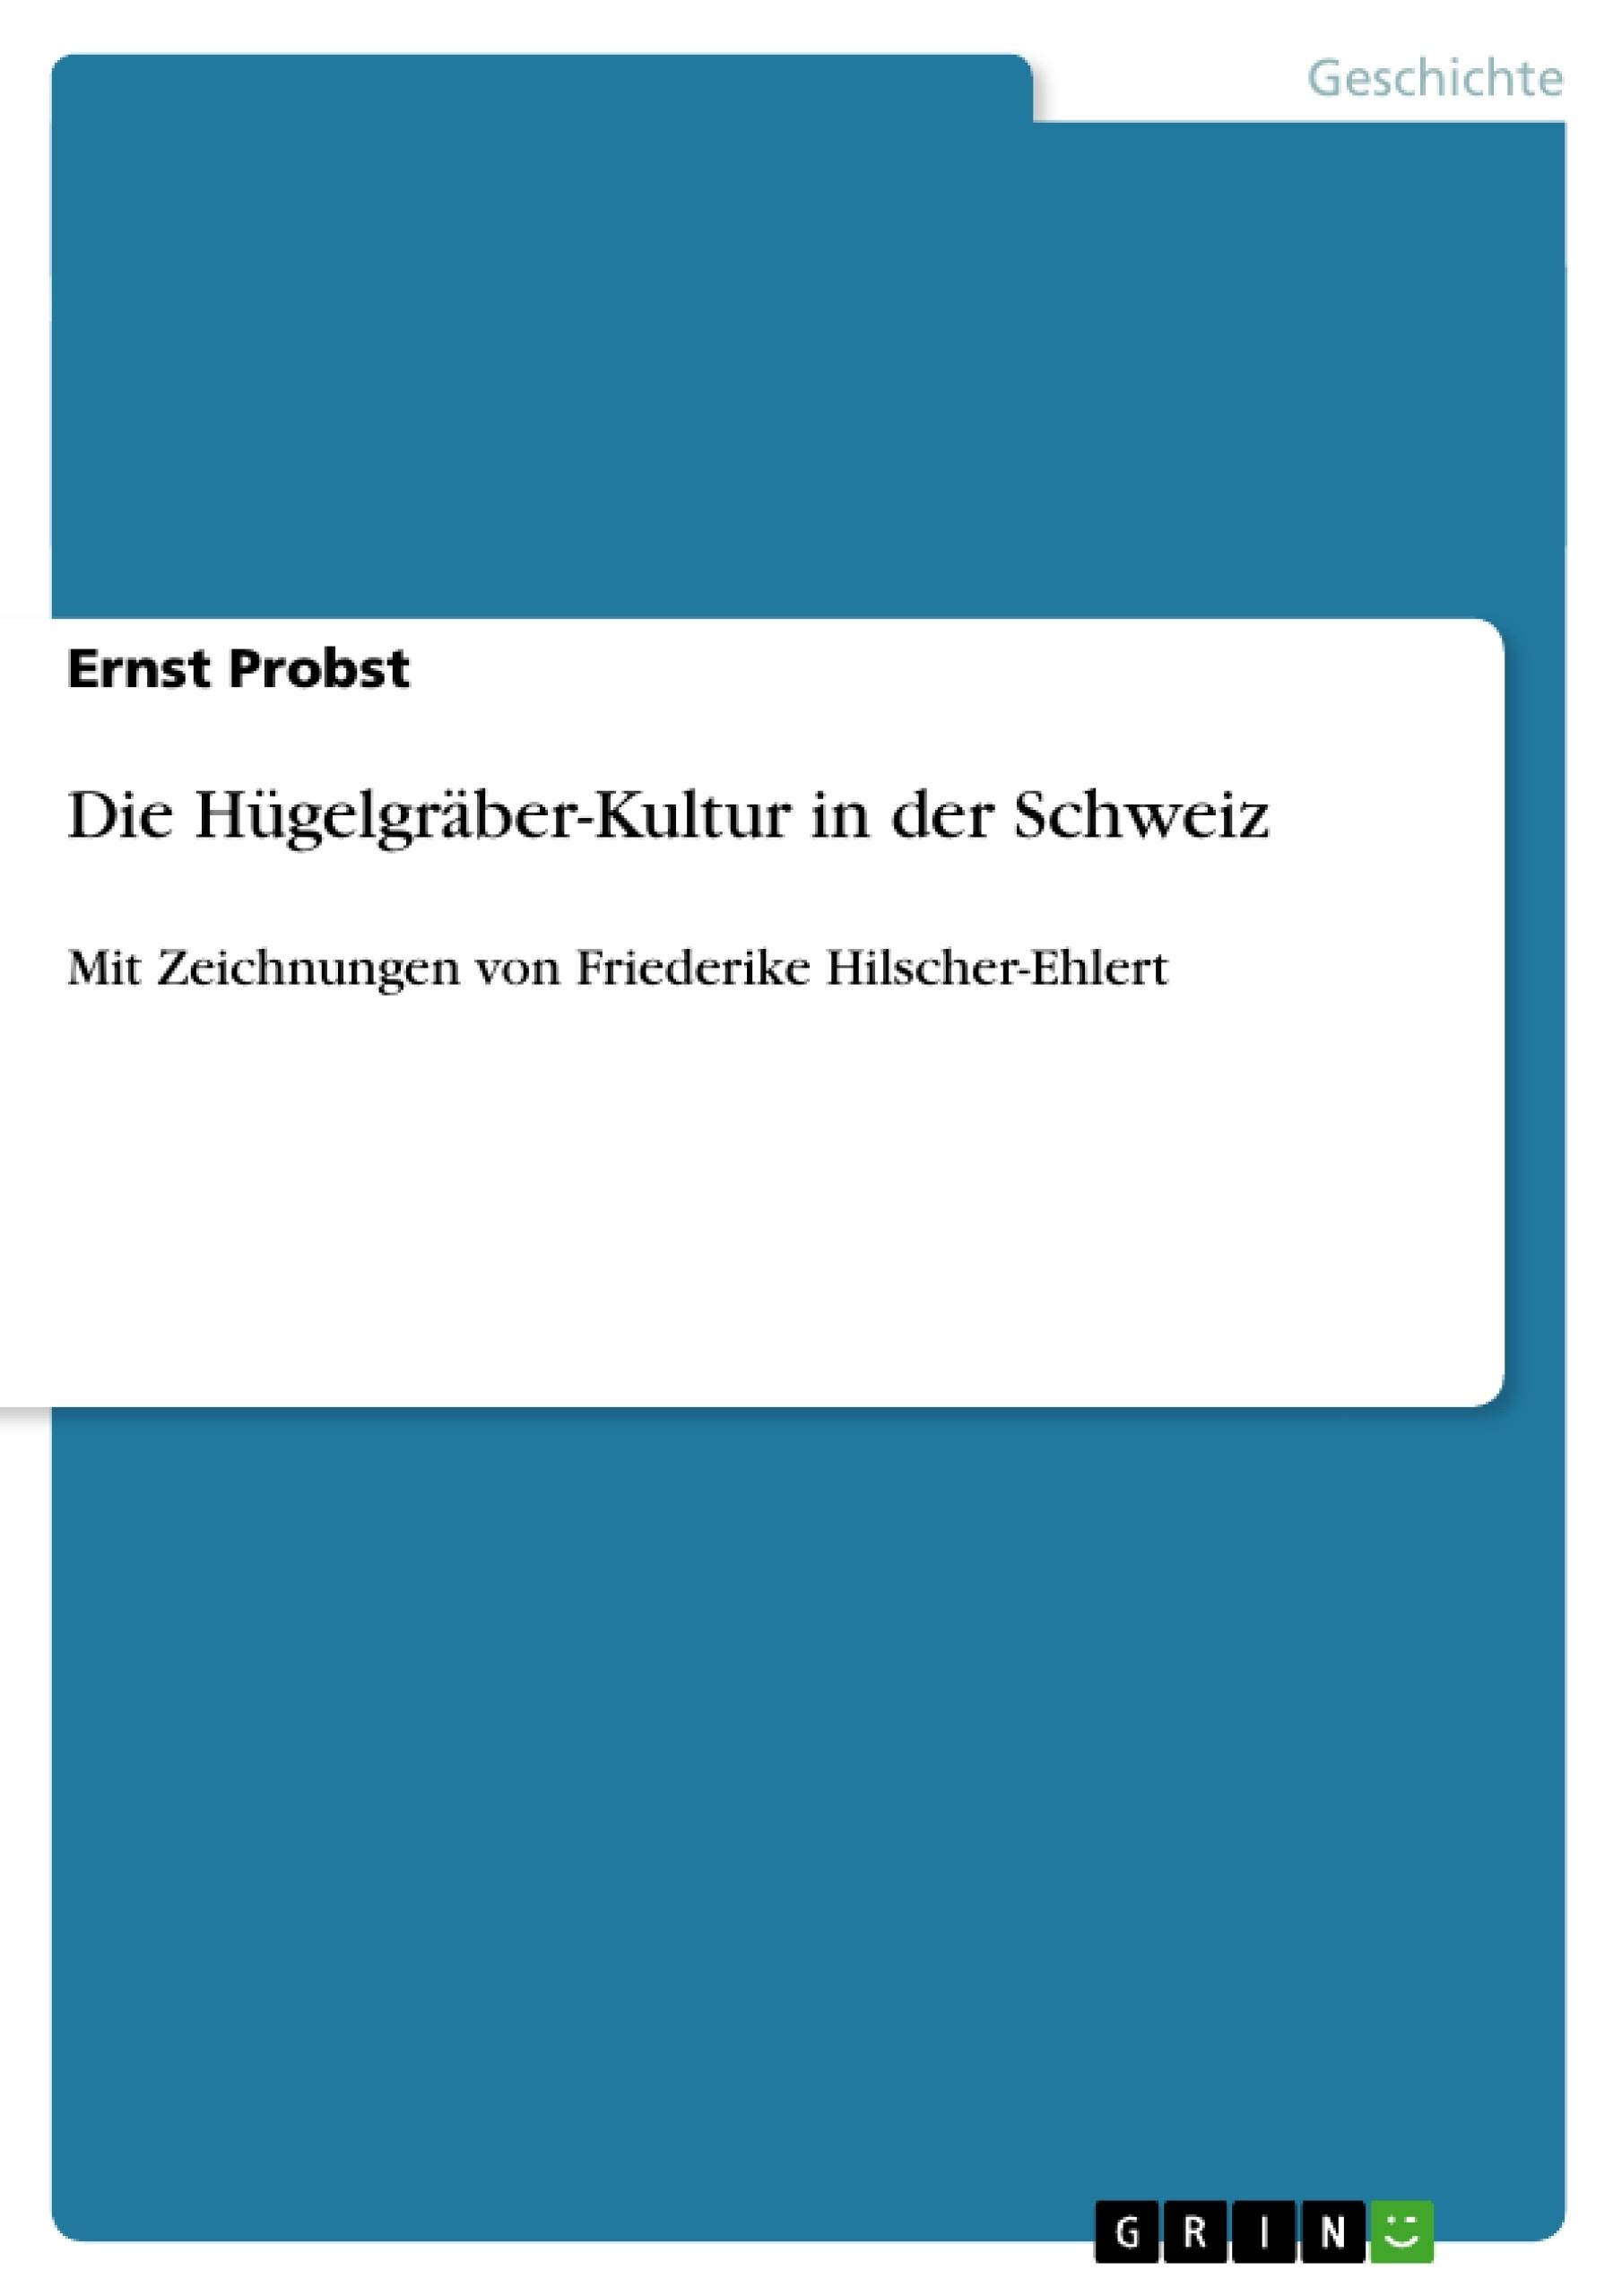 Titel: Die Hügelgräber-Kultur in der Schweiz